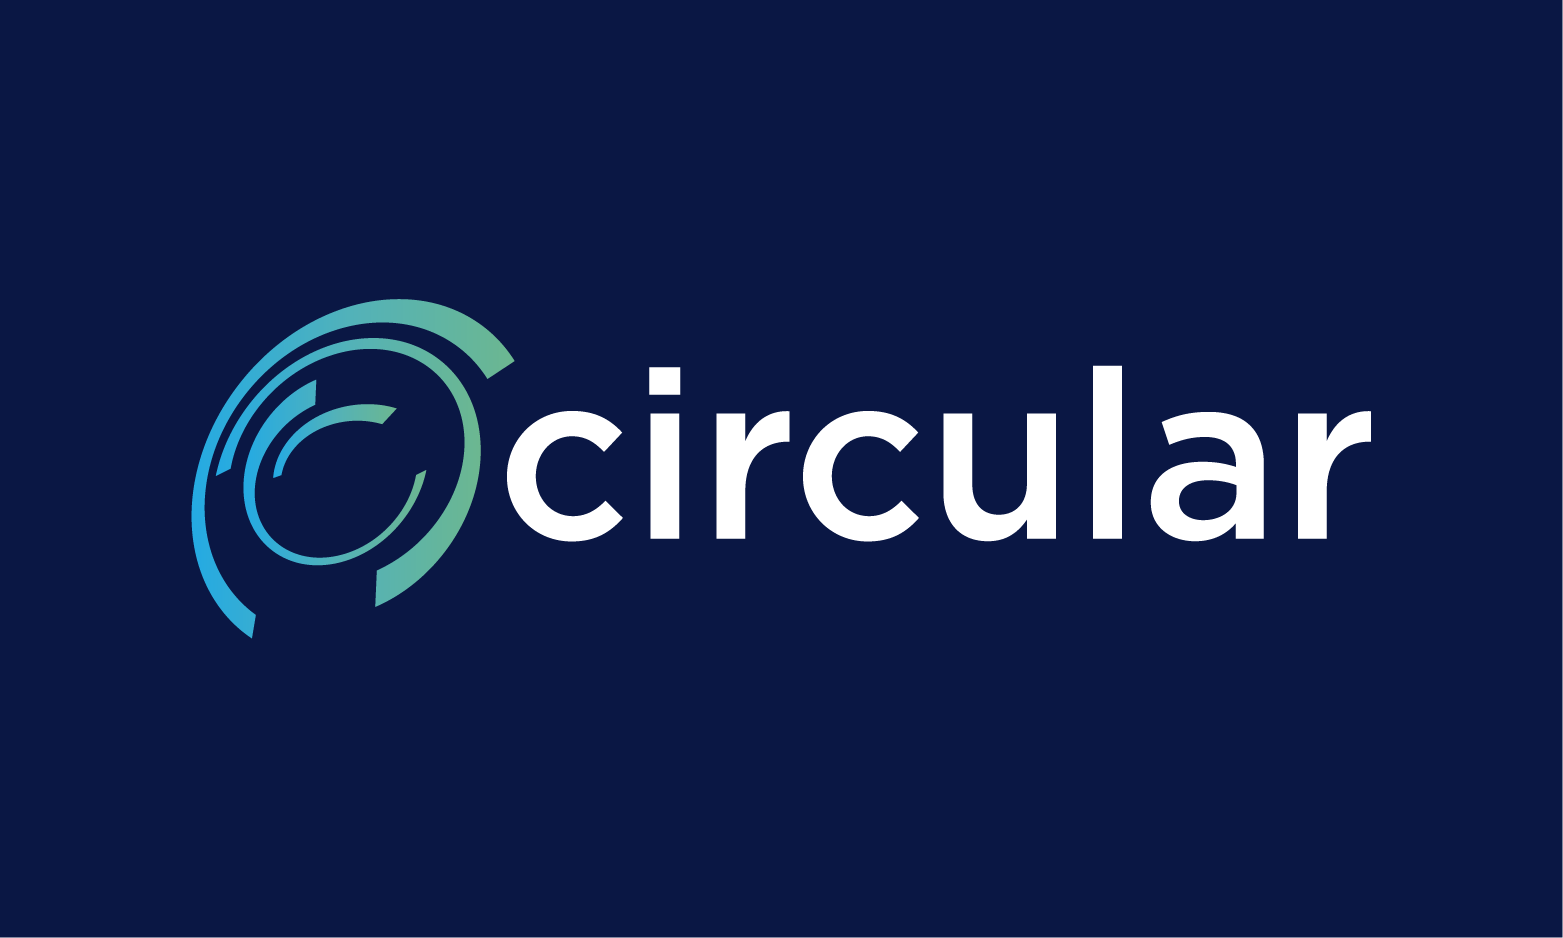 Circular.co